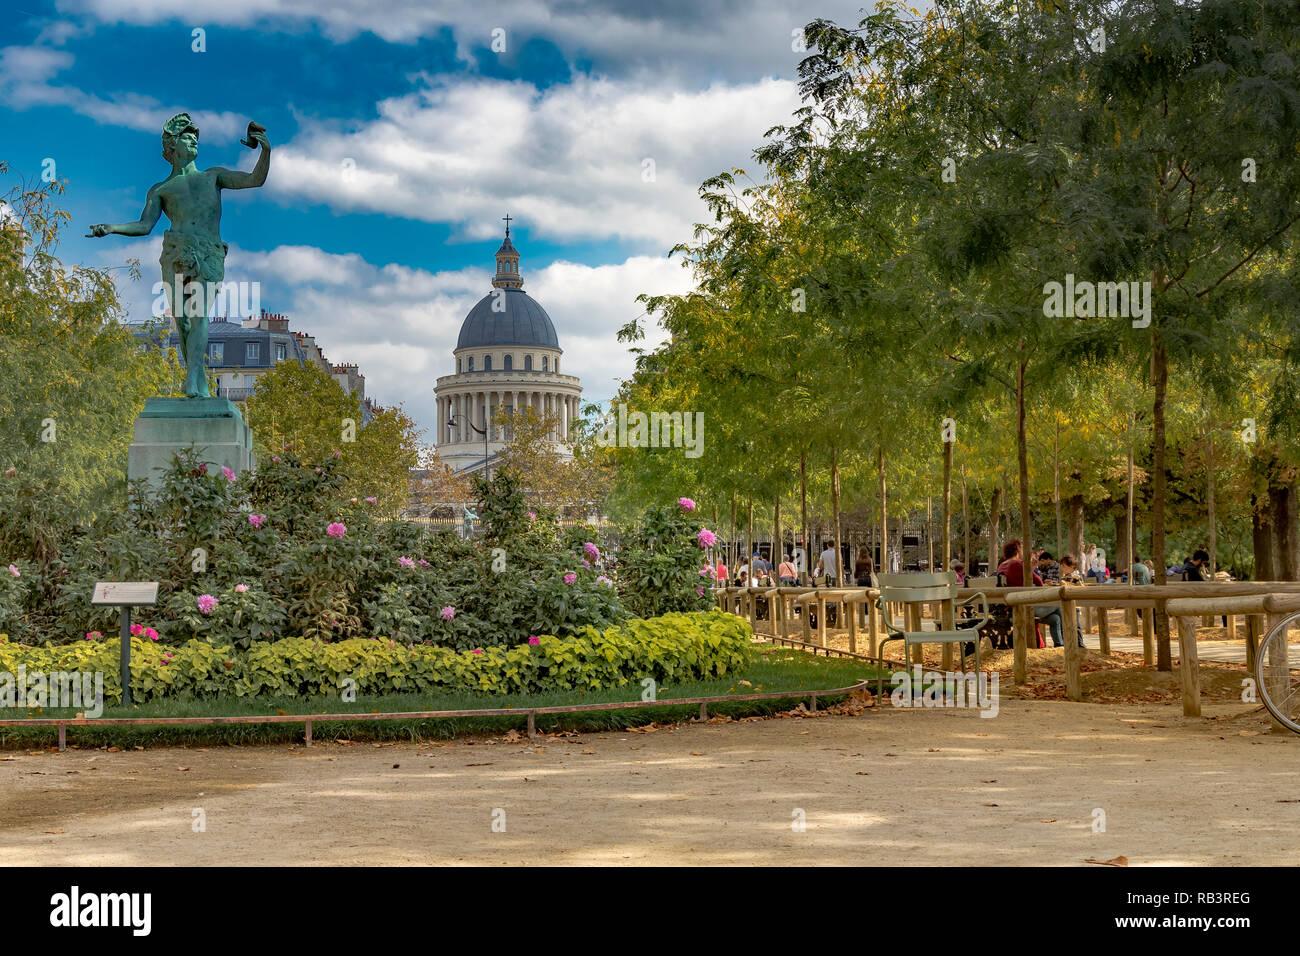 Statue des griechischen Schauspieler mit der Kuppel des Pantheon in der Ferne im Jardin du Luxembourg, Paris Stockbild